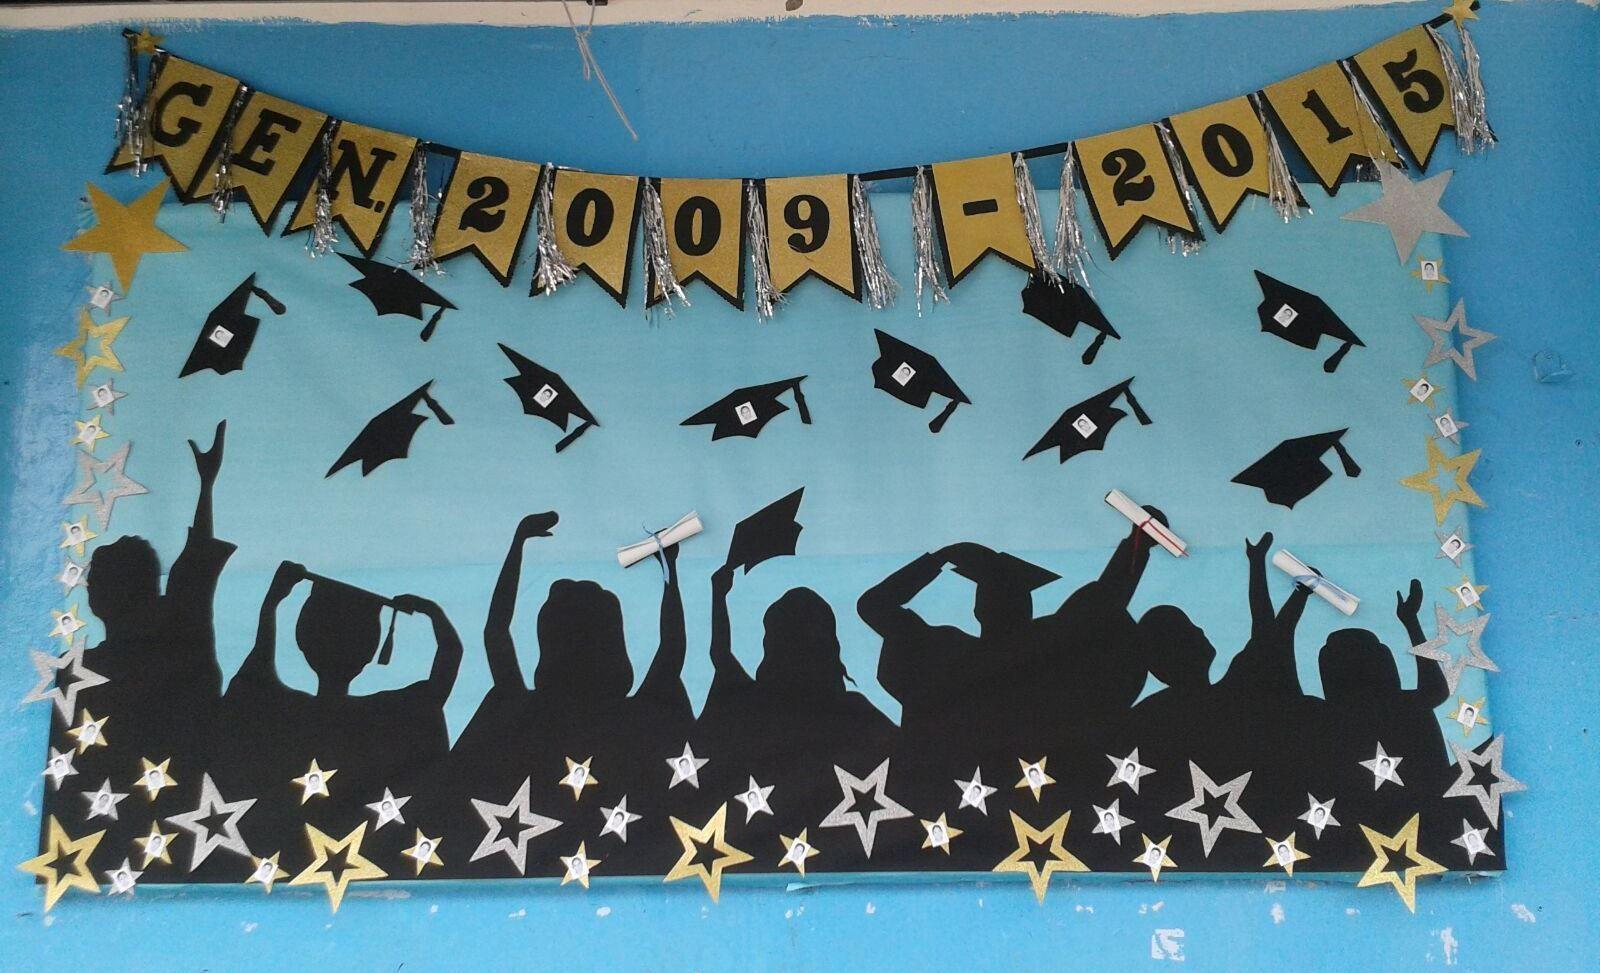 Periodico mural graduaci n fin de cursos pinterest for El mural pelicula online